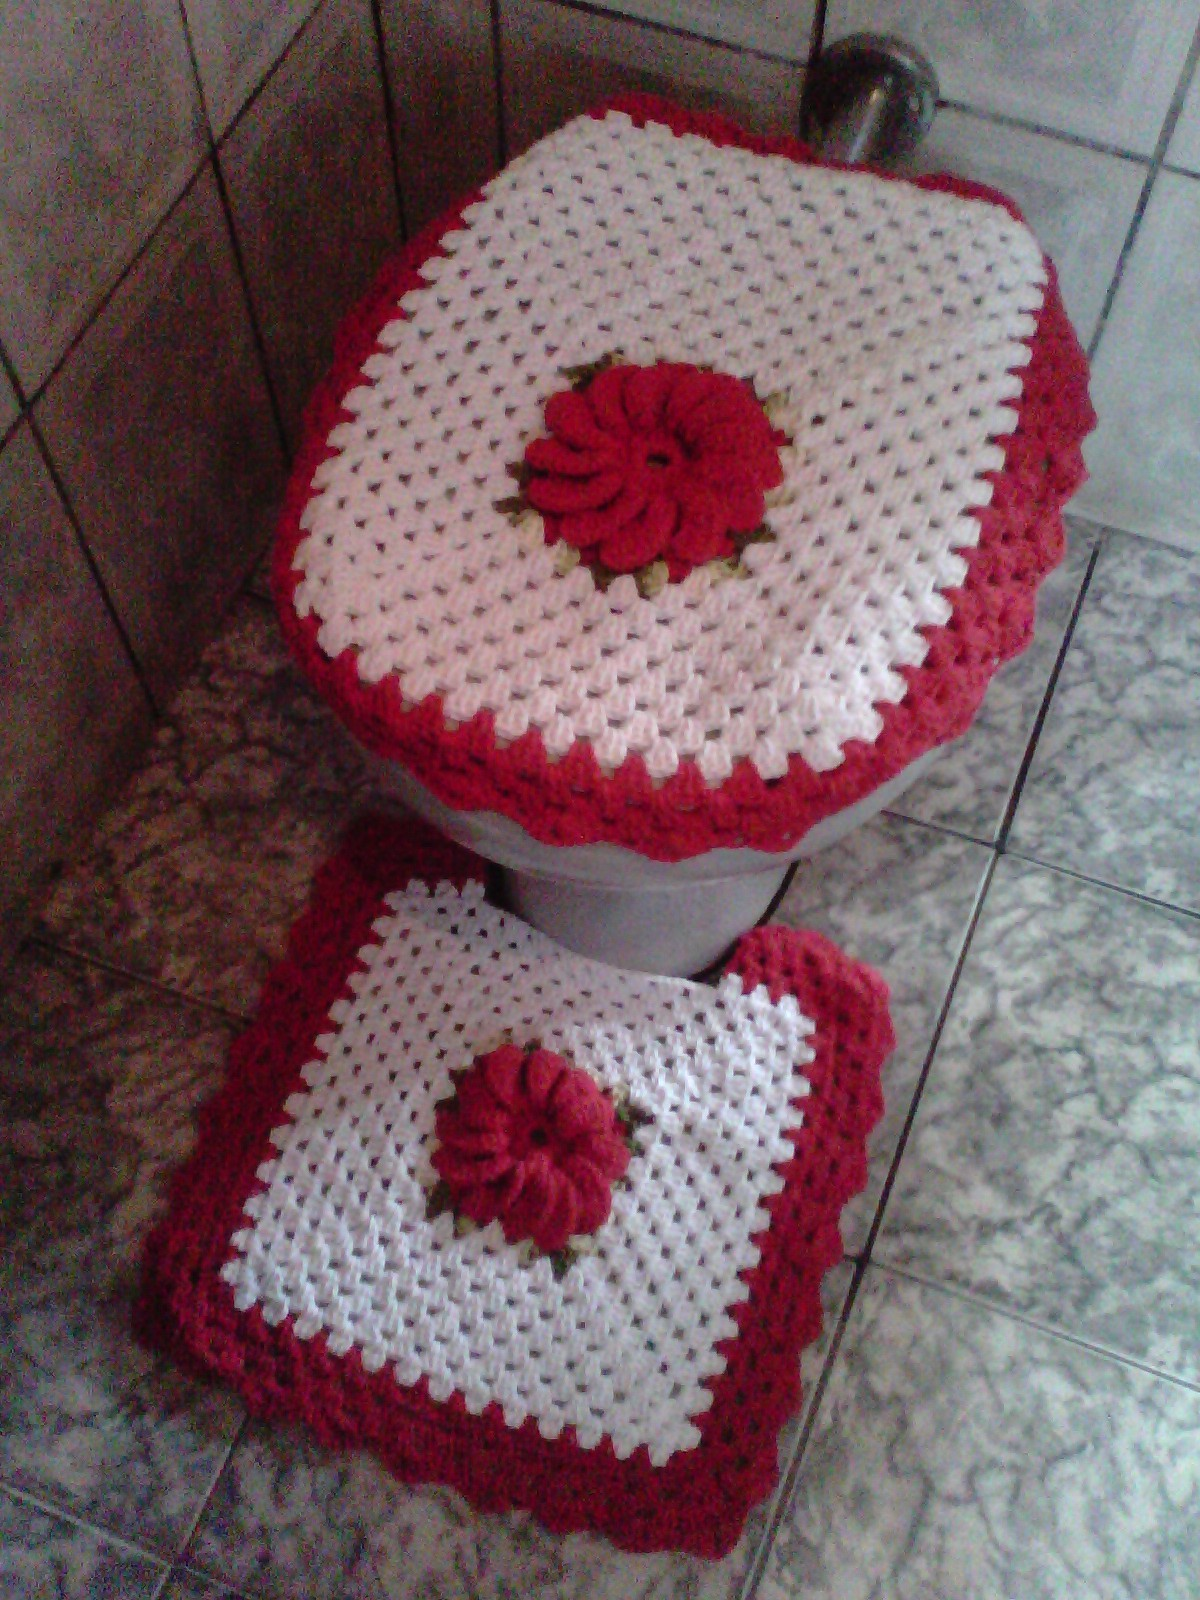 de tapete para banheiro 4 pecas banheiro jogo de tapete para banheiro  #712030 1200 1600